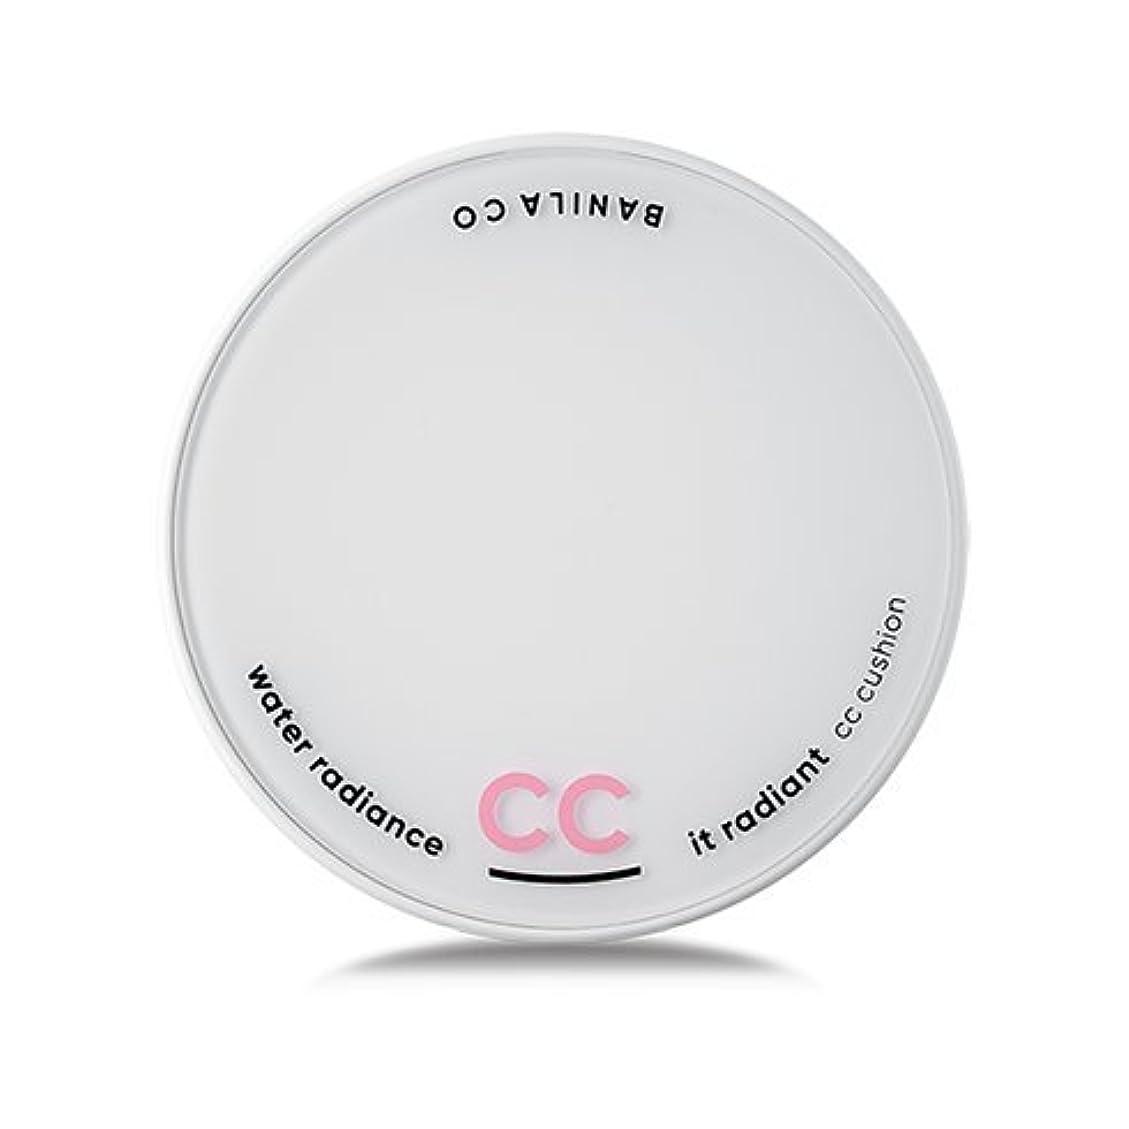 デイジー契約した反対に[Renewal] BANILA CO It Radiant CC Cushion 15g + Refill 15g/バニラコ イット ラディアント CC クッション 15g + リフィル 15g (#Light Beige...